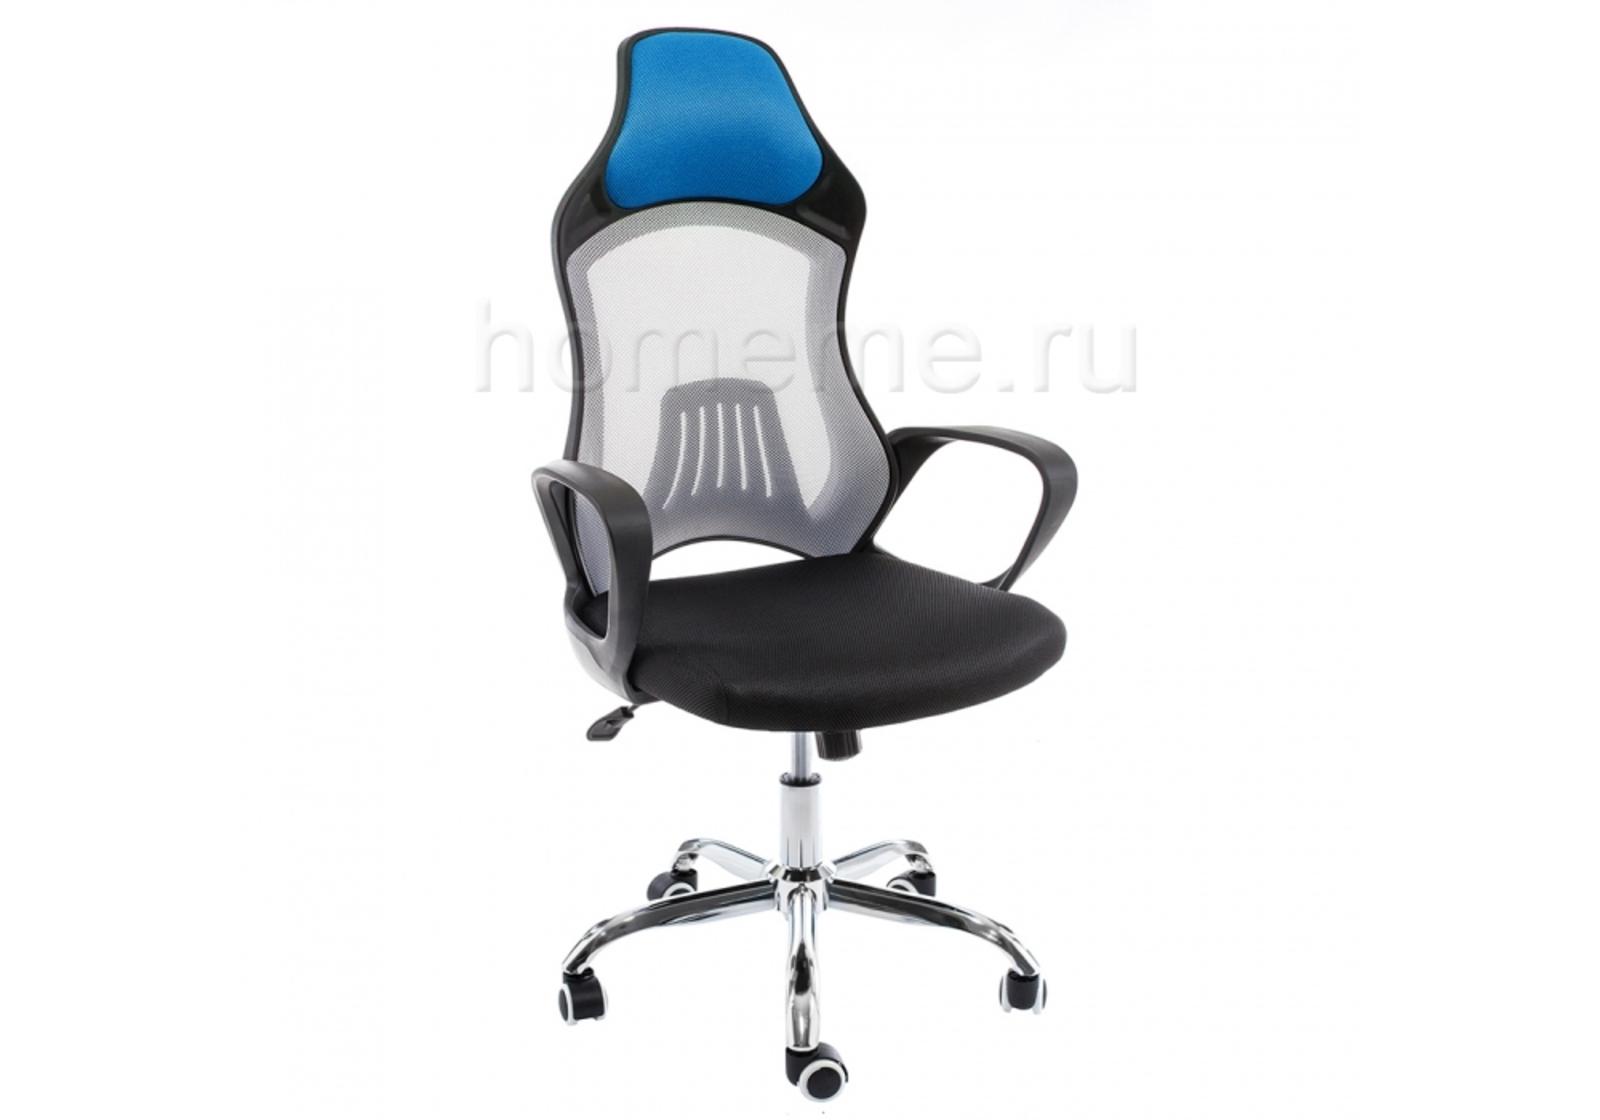 Кресло для офиса HomeMe Atlant белое / черное / голубое 1974 от Homeme.ru